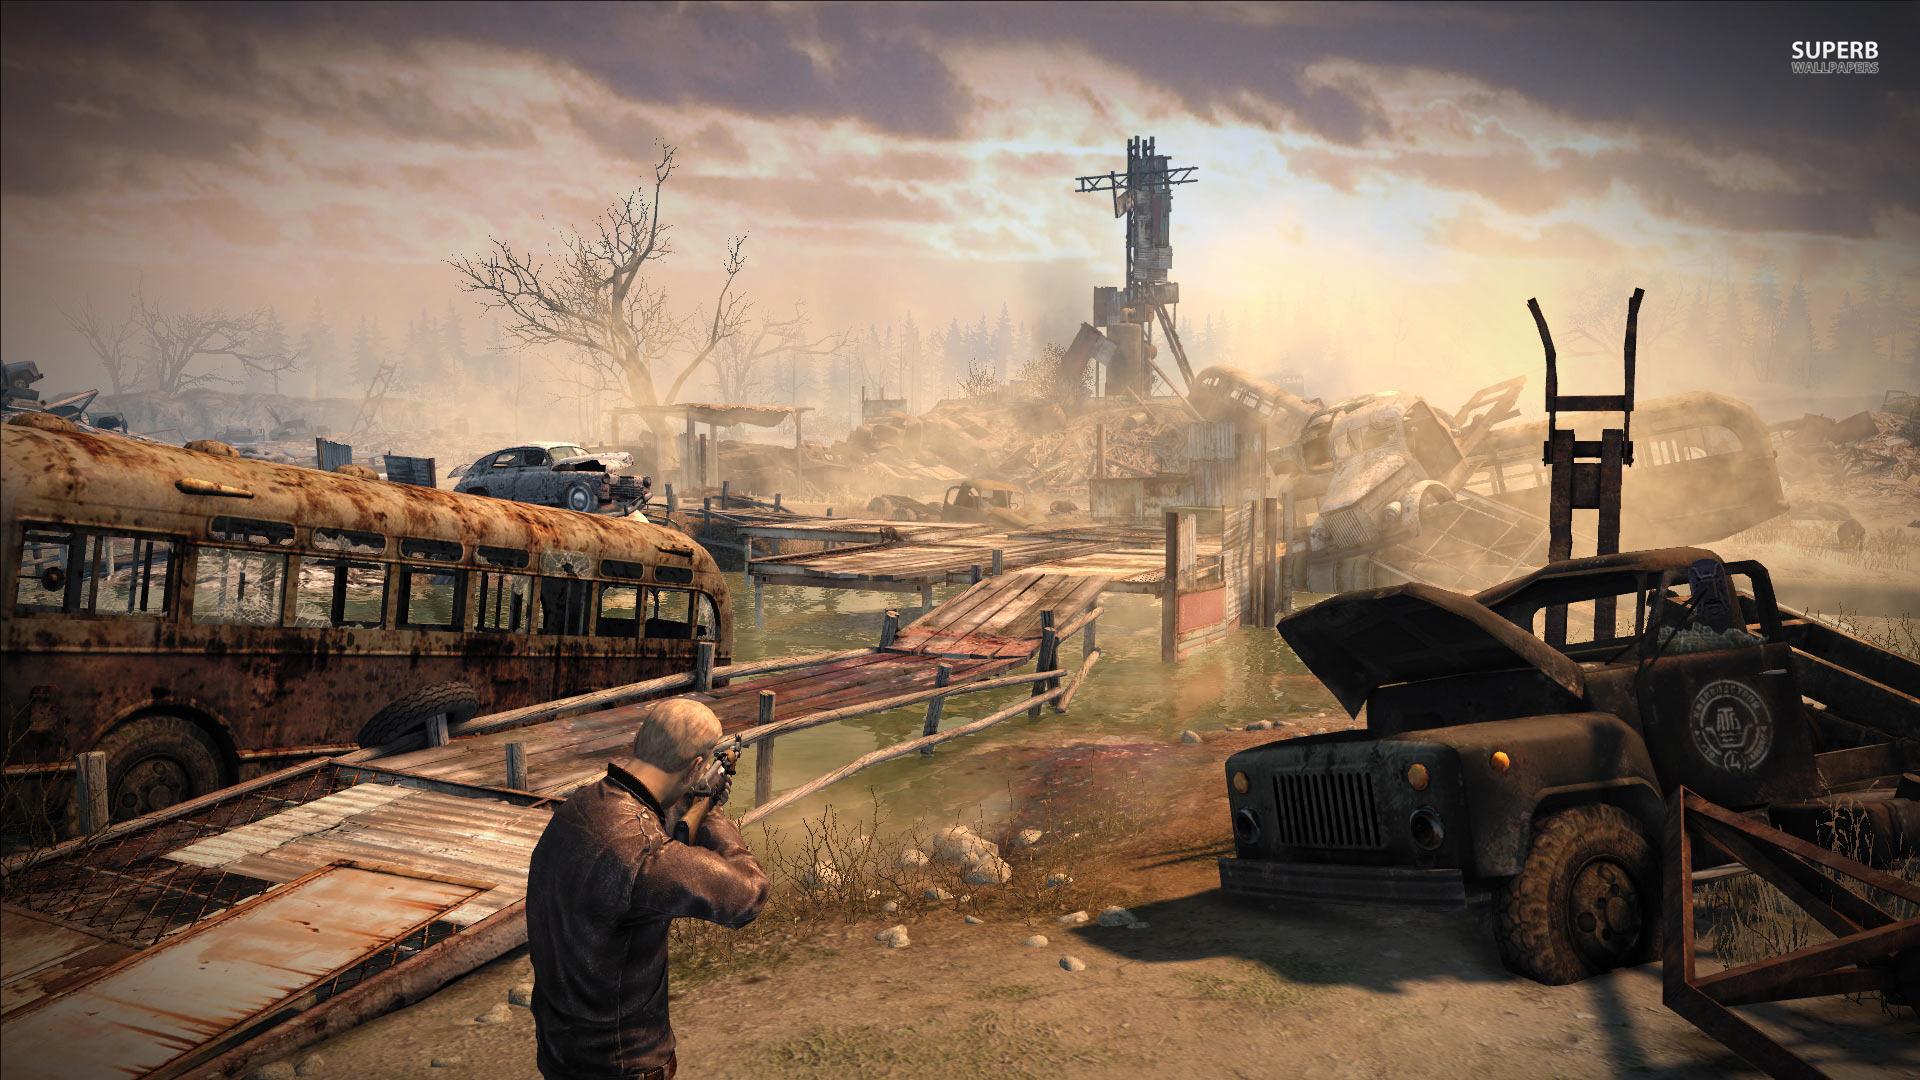 Mad Max The Game Wallpaper - WallpaperSafari